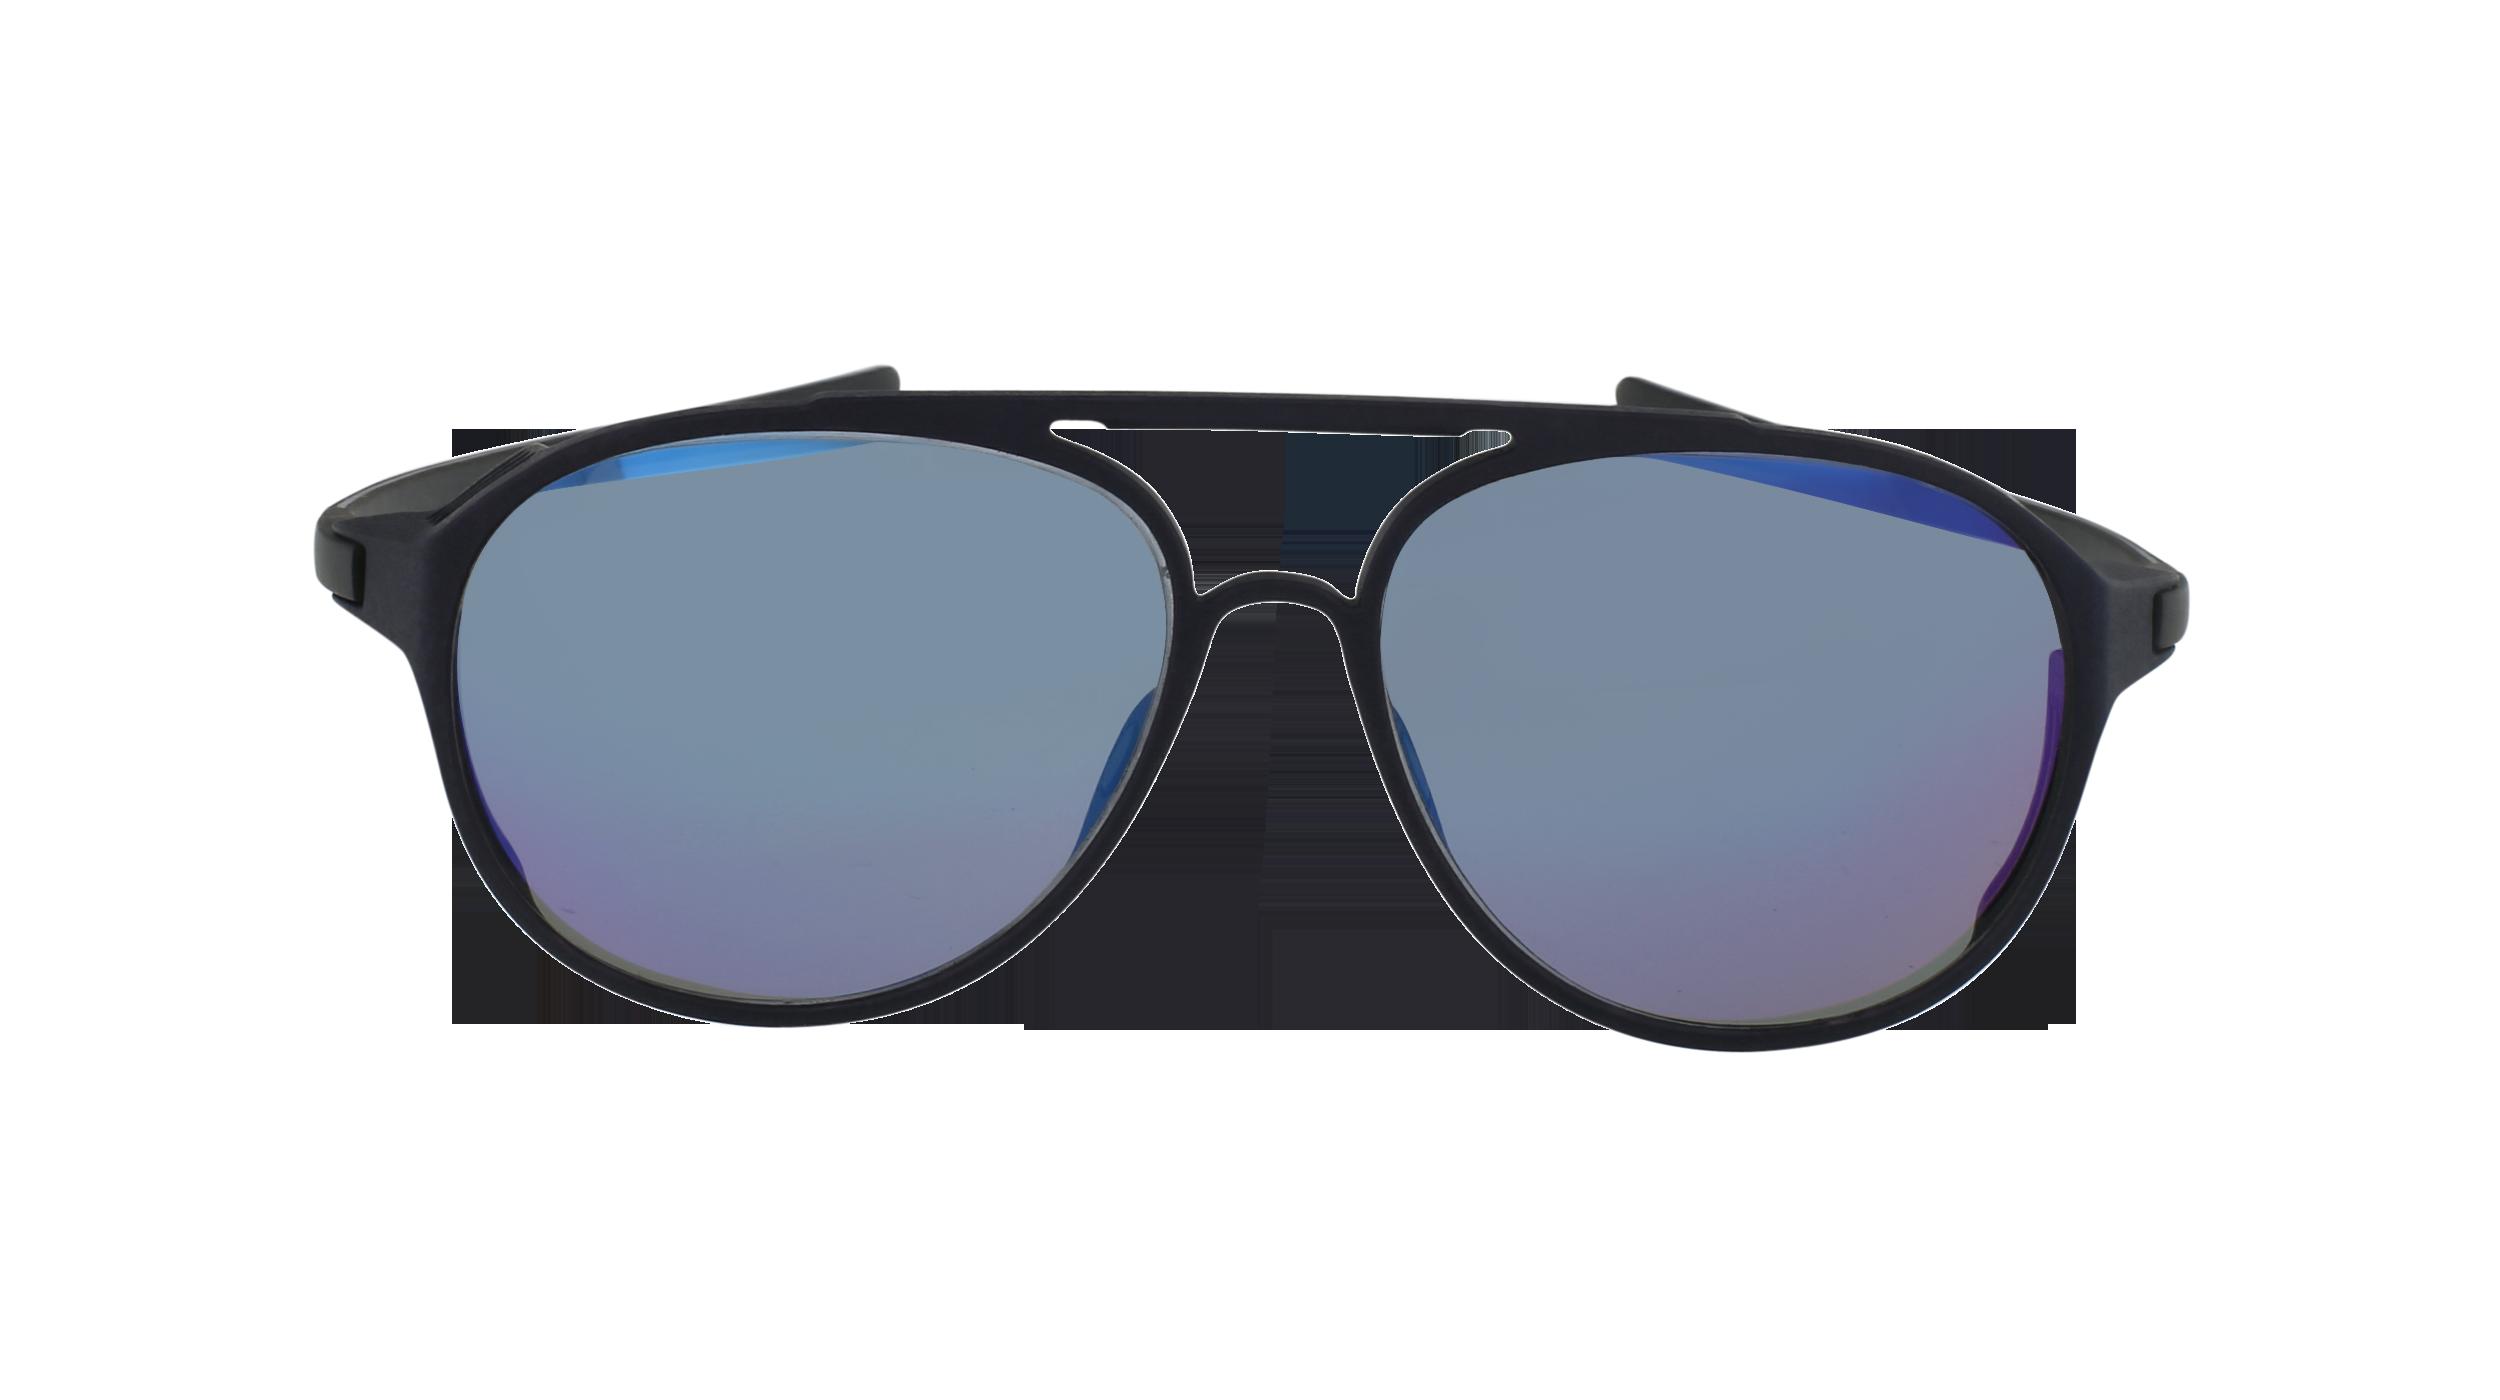 Style Name: MLSGPS01.C03.55